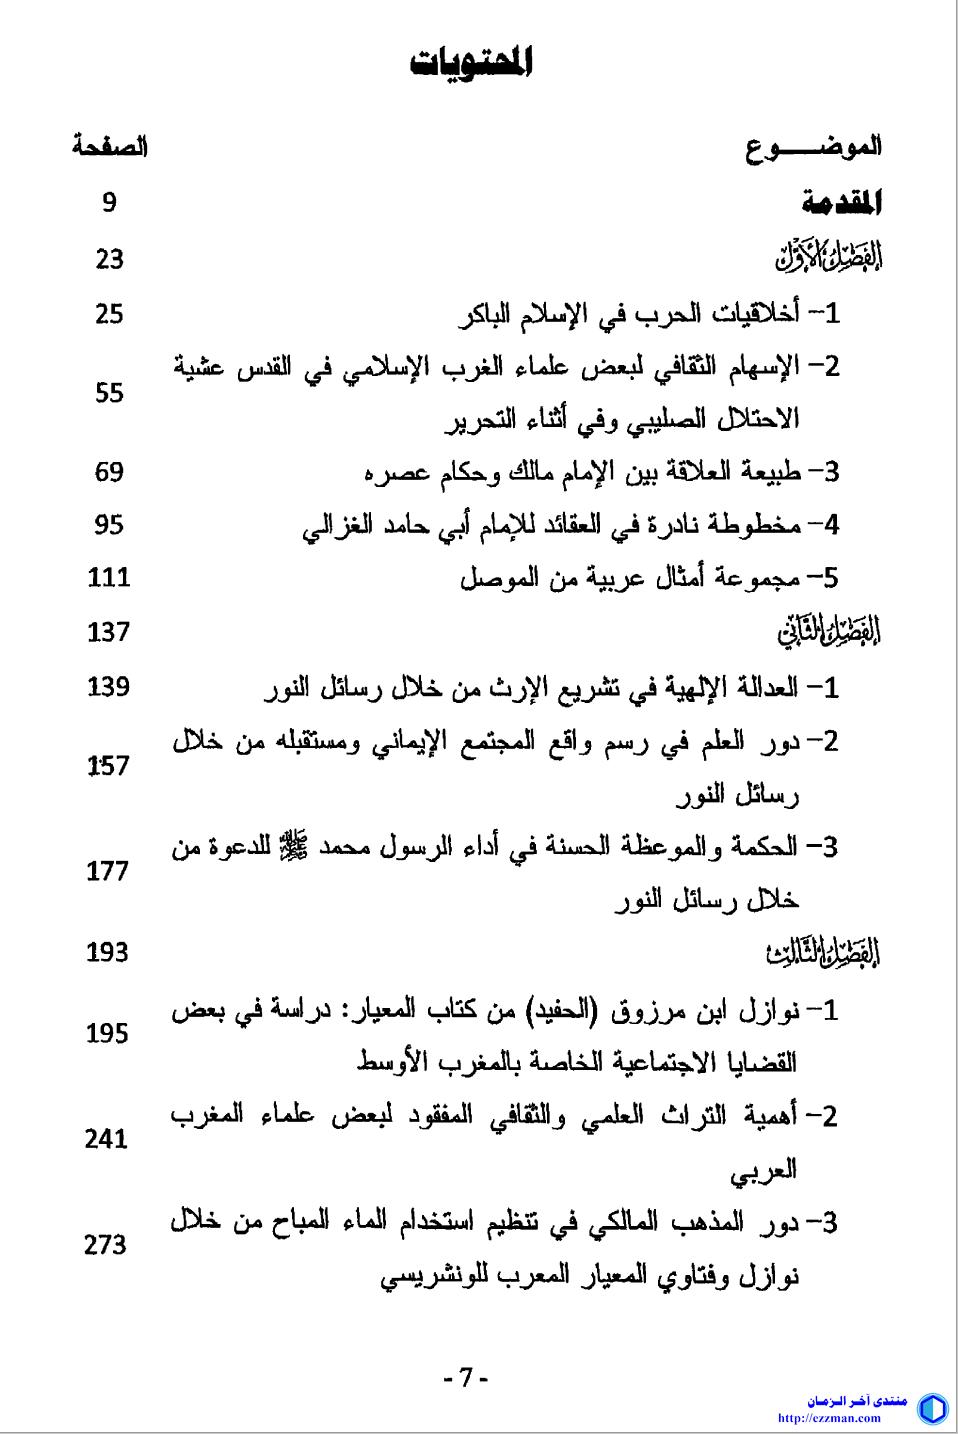 الإسهام الحضاري لعلماء المسلمين التاريخ